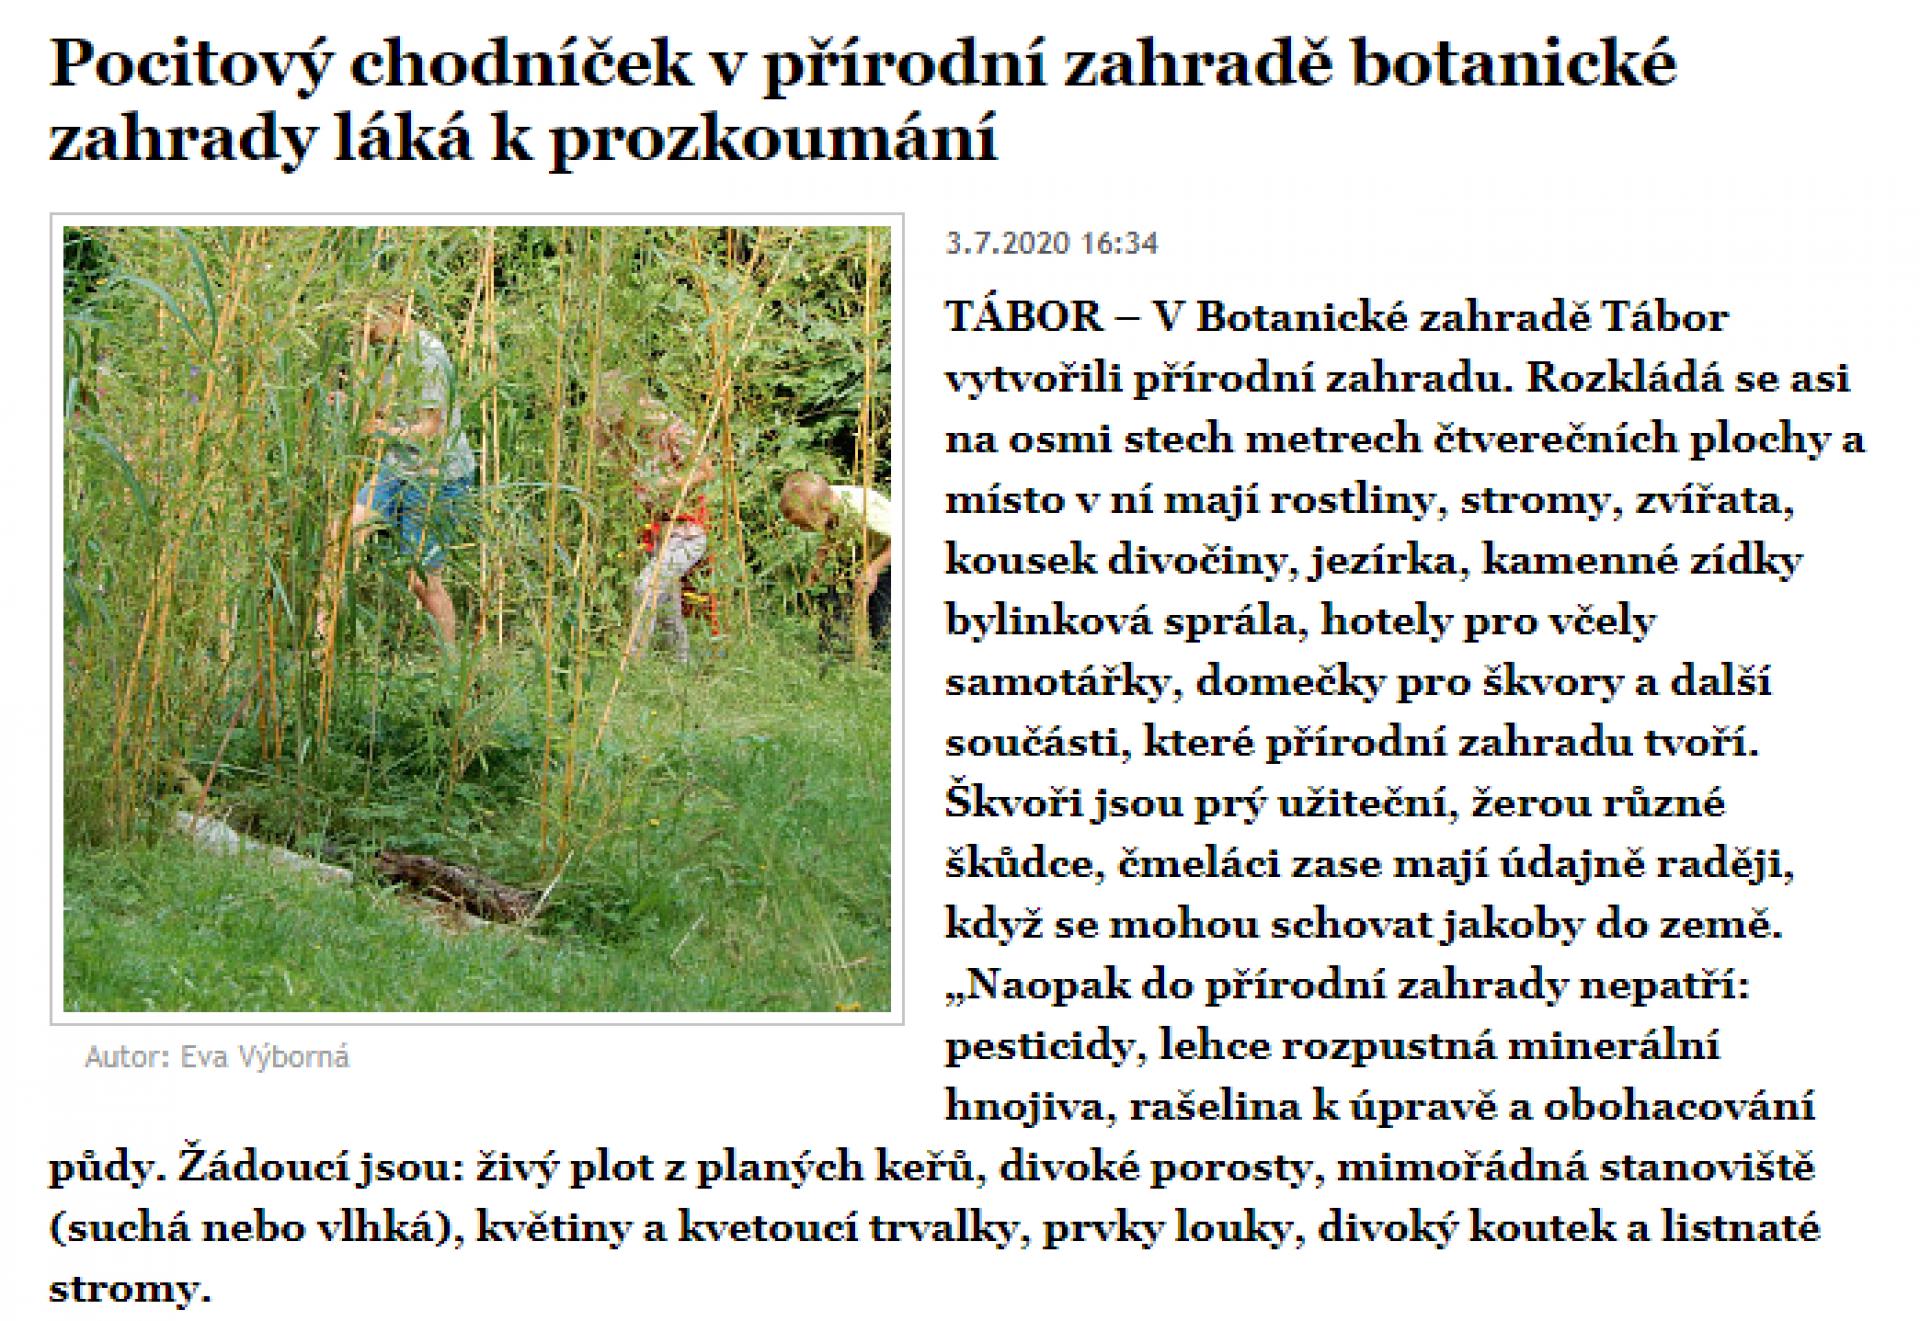 Pociťový chodníček-obrázek.png